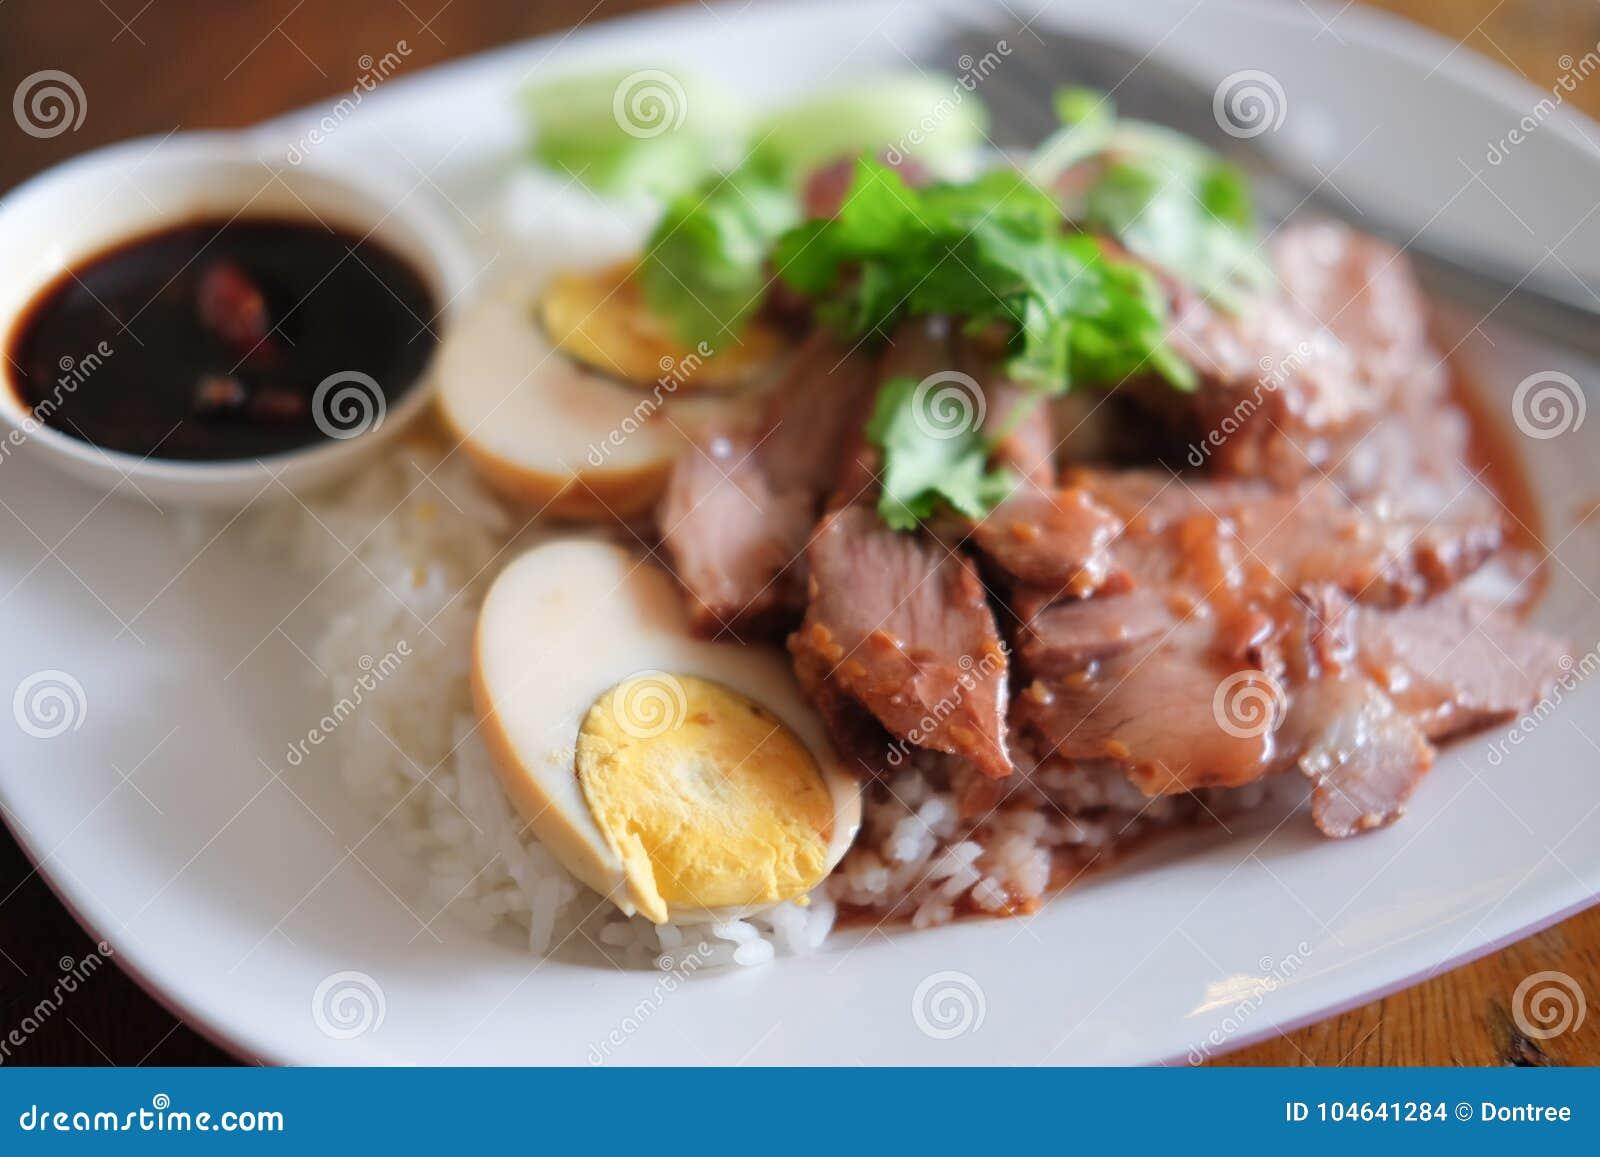 Download Geroosterd Rood Varkensvlees En Gekookt Ei Stock Foto - Afbeelding bestaande uit heerlijk, plantaardig: 104641284